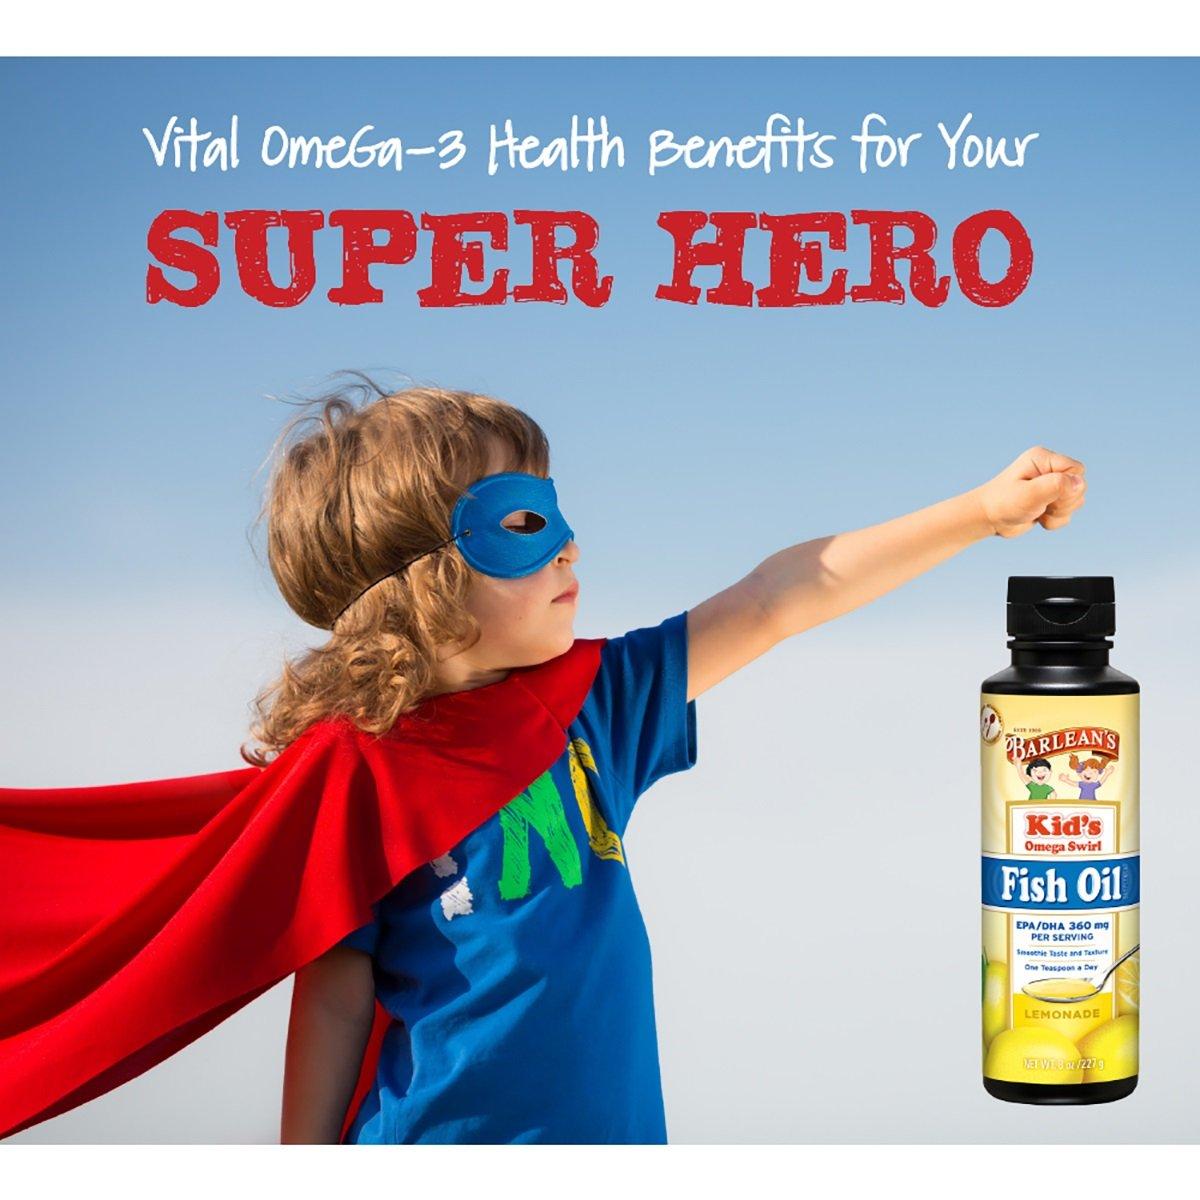 Barleans Organic Oils - Kids Omega Swirl Fish Oil 8 oz: Amazon.es: Salud y cuidado personal